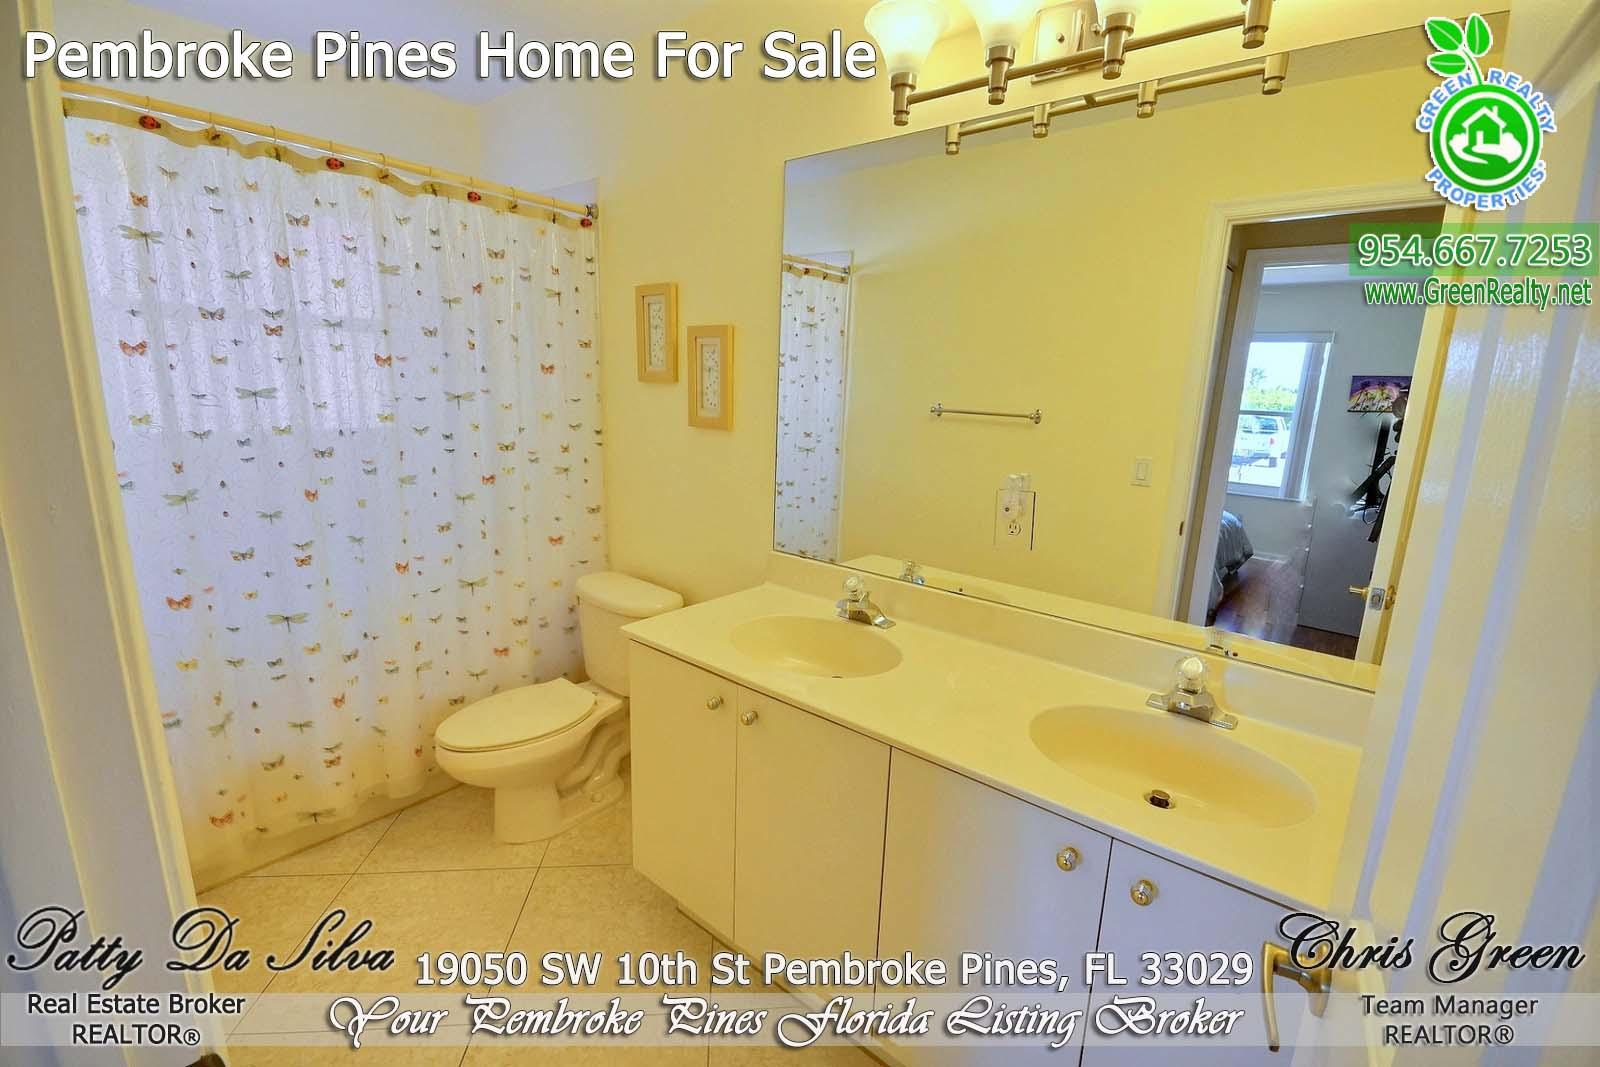 18 Patty Da Silva SELLS Pembroke Pines Homes (1)